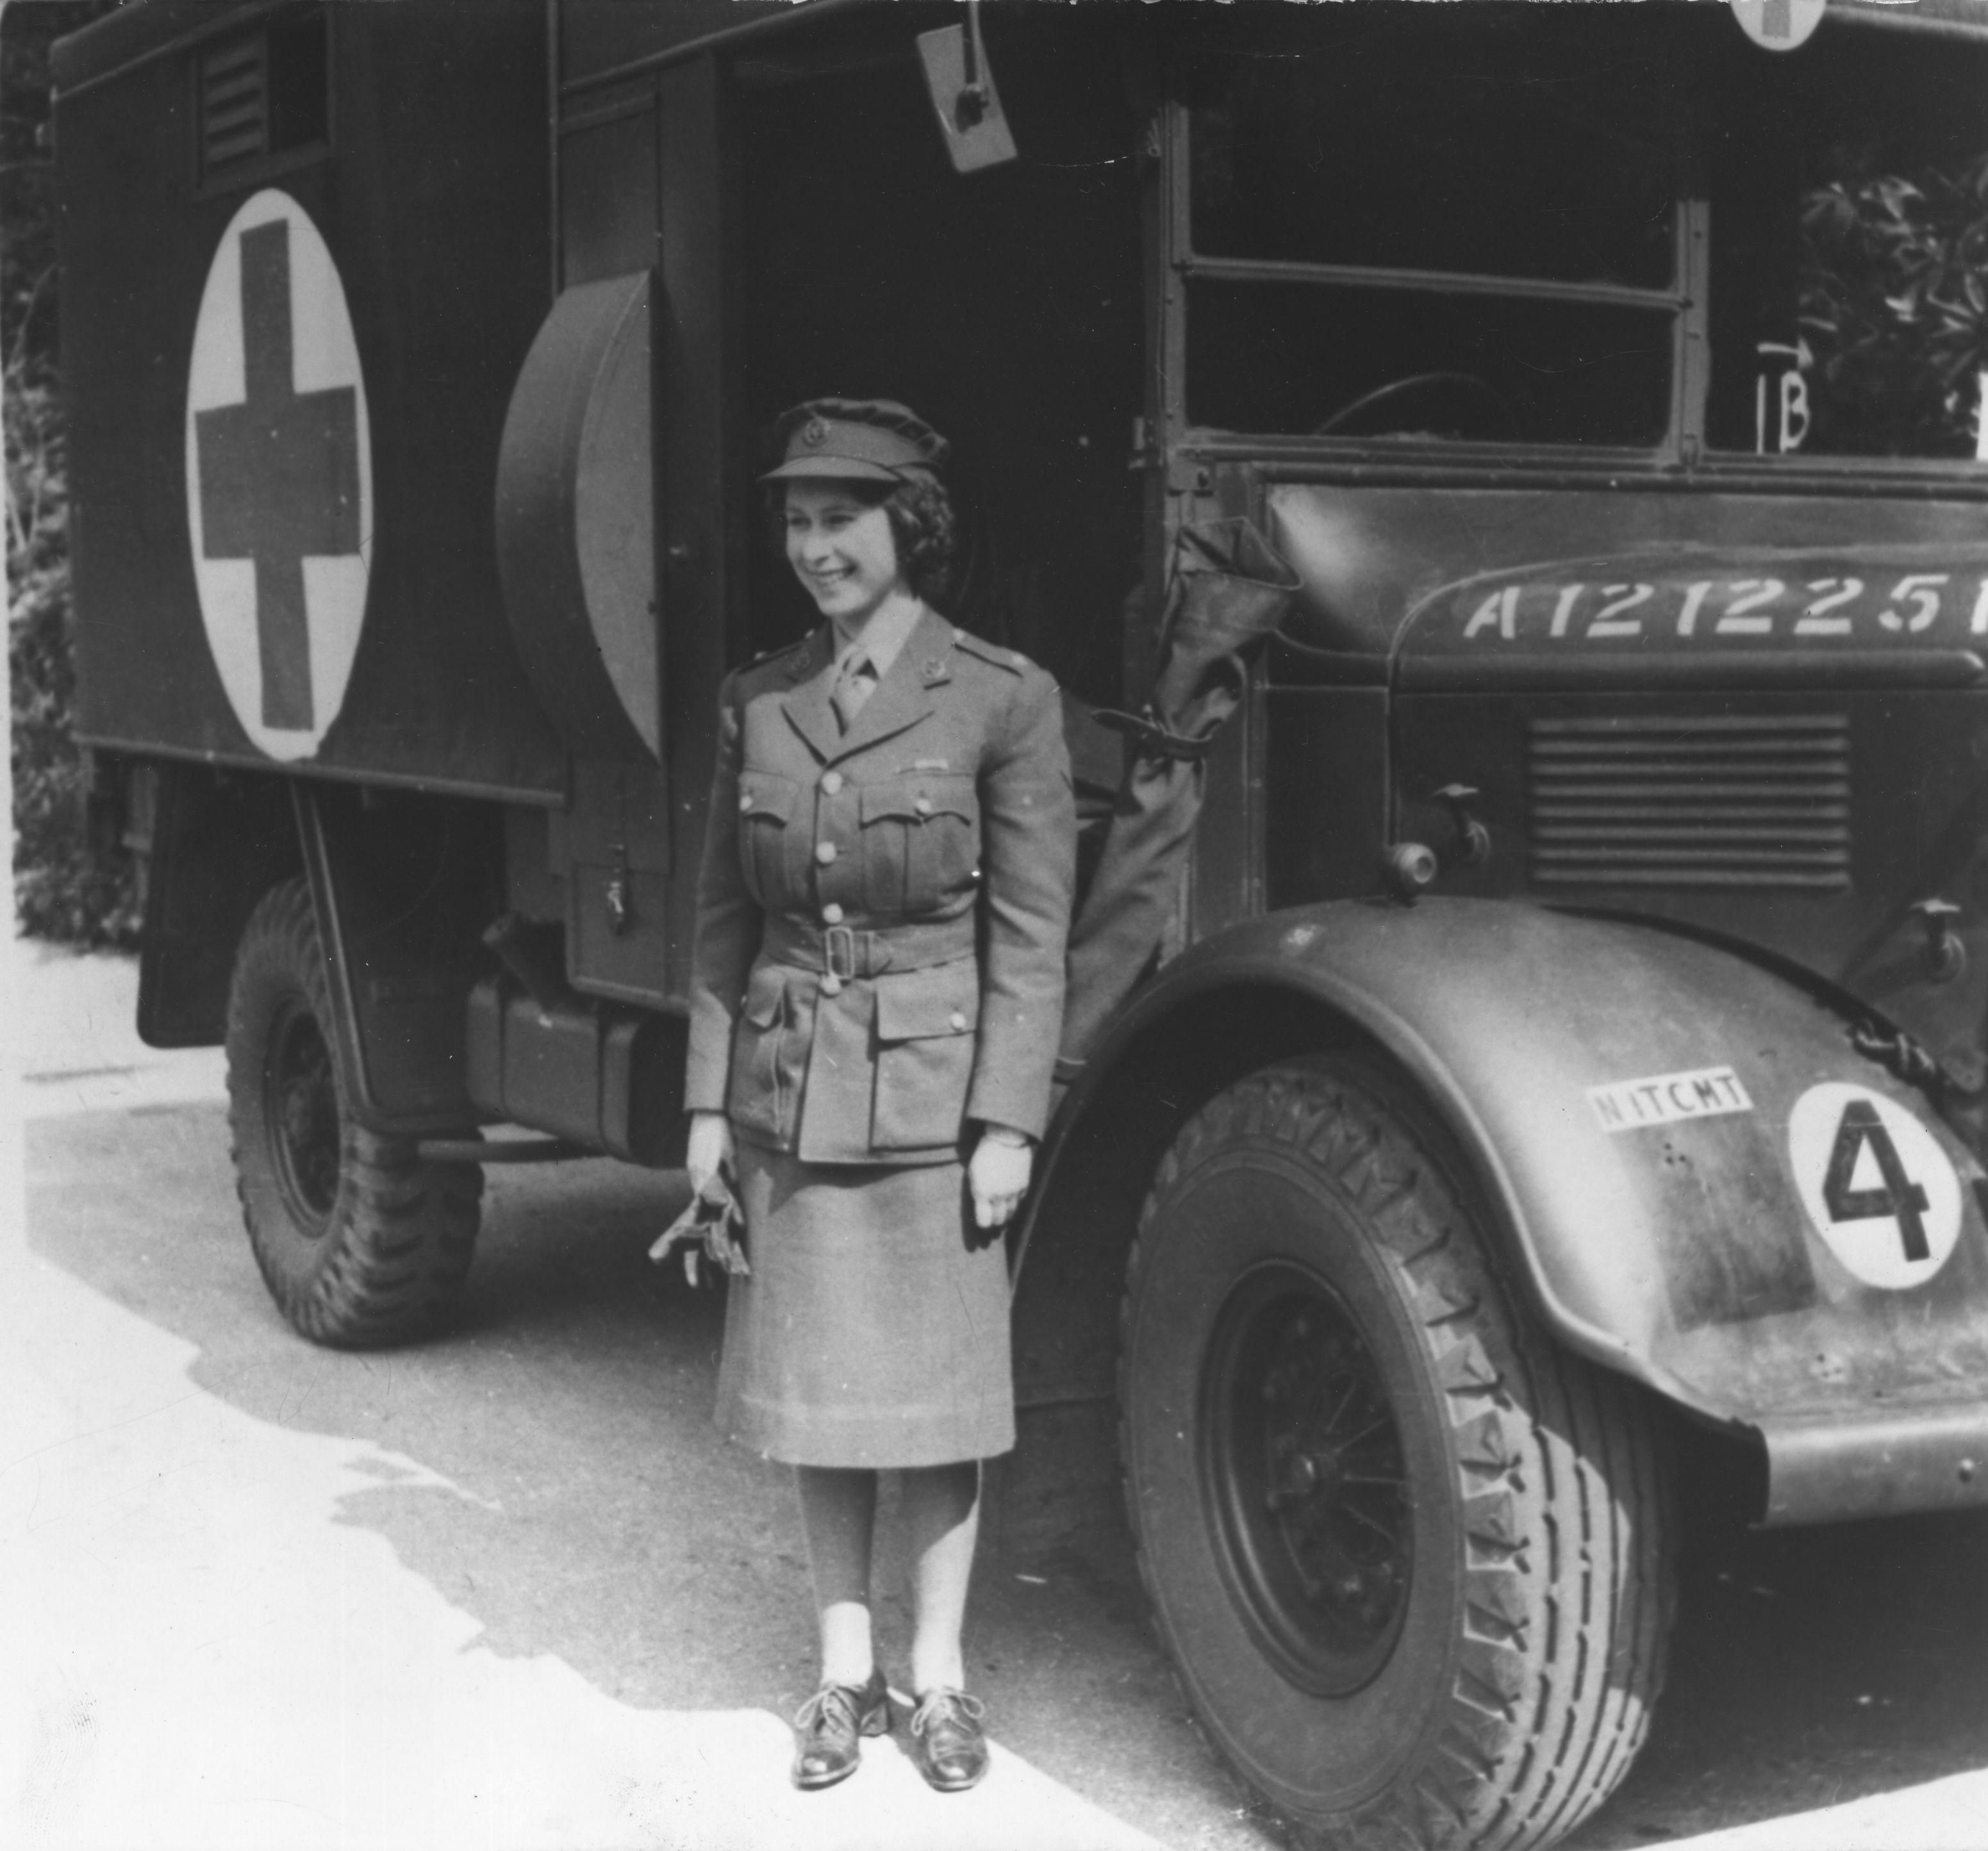 Queen Elizabeth during World War II